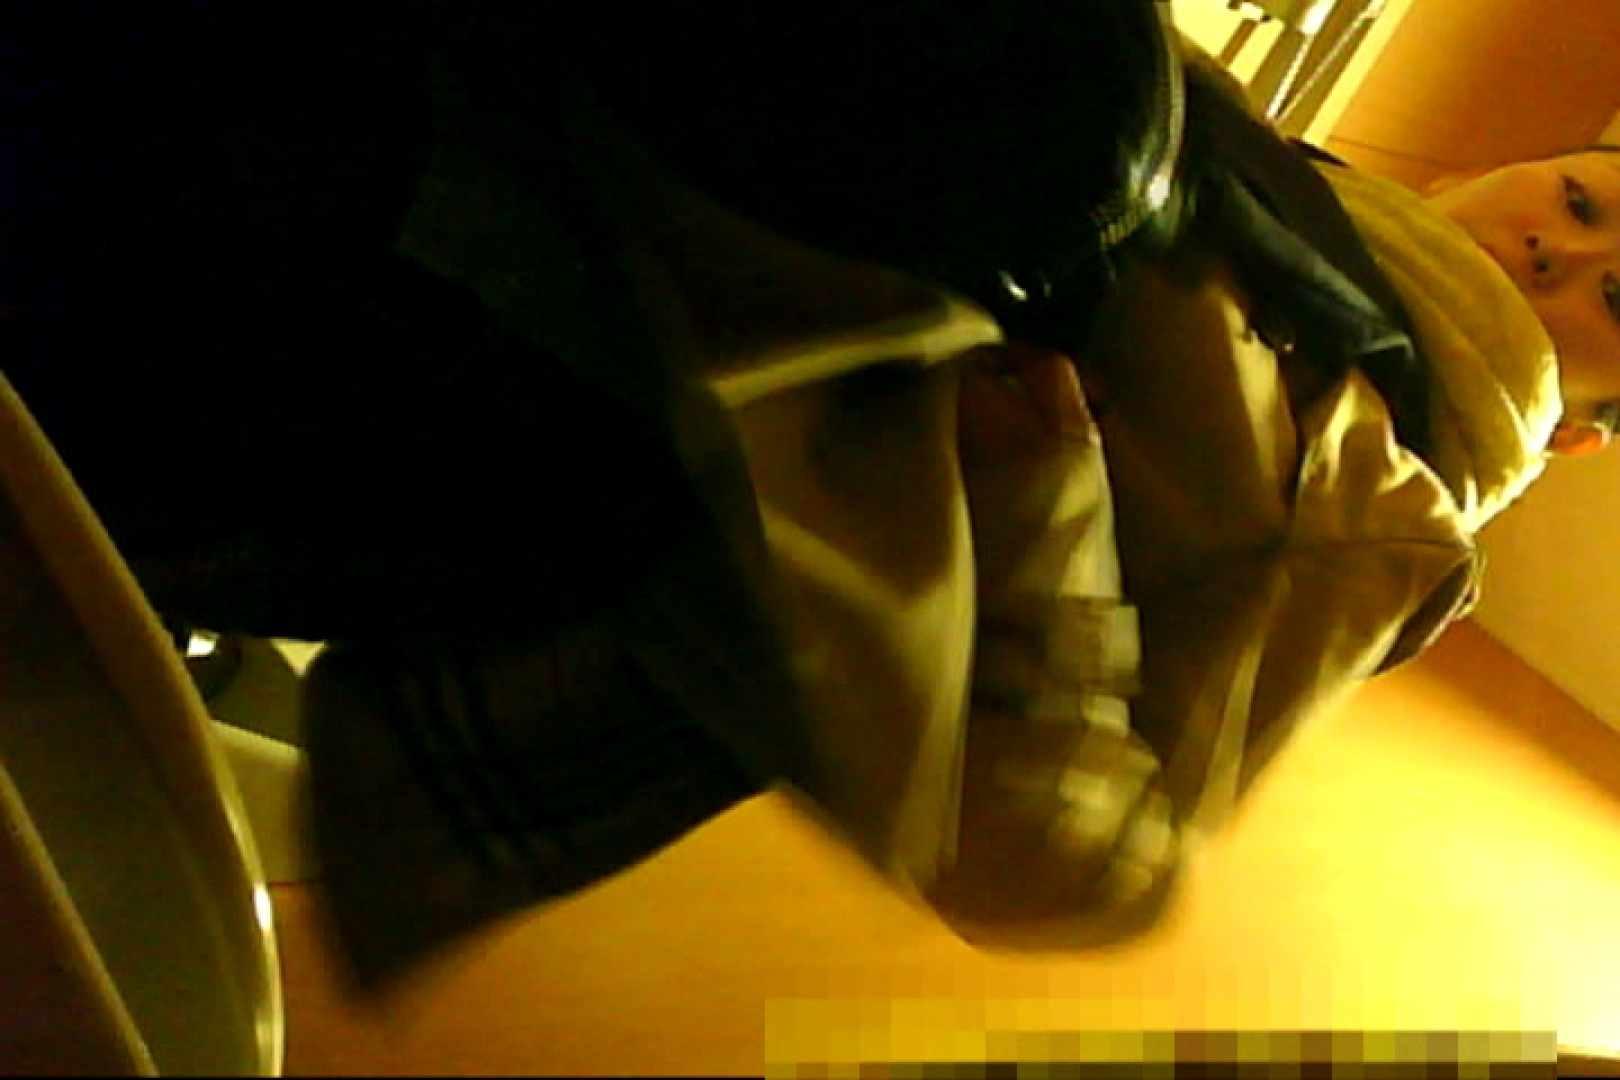 魅惑の化粧室~禁断のプライベート空間~19 プライベート  84画像 21